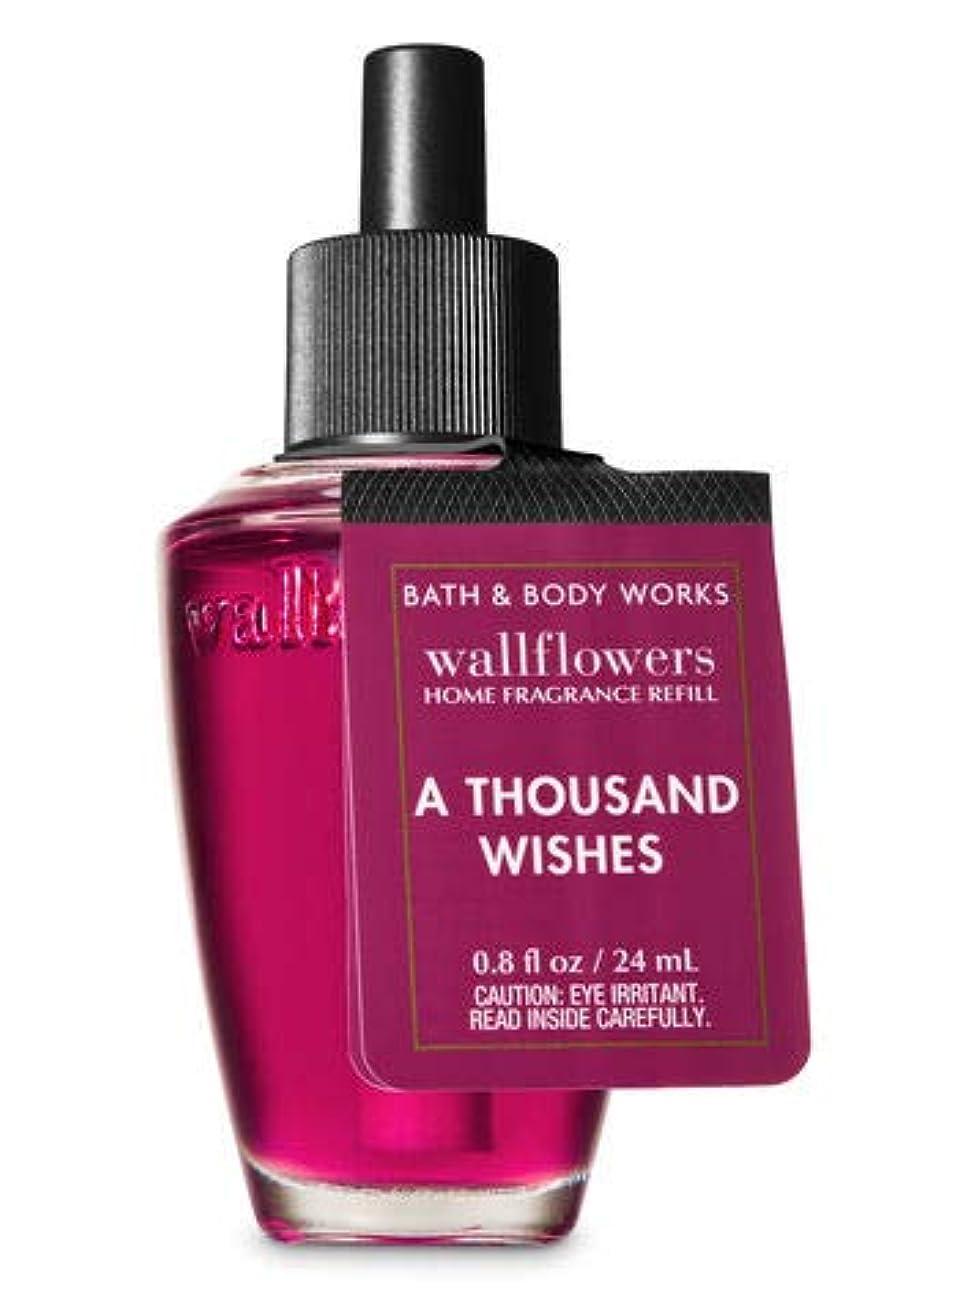 したがってアートつかいます【Bath&Body Works/バス&ボディワークス】 ルームフレグランス 詰替えリフィル アサウザンドウィッシュ Wallflowers Home Fragrance Refill A Thousand Wishes [並行輸入品]